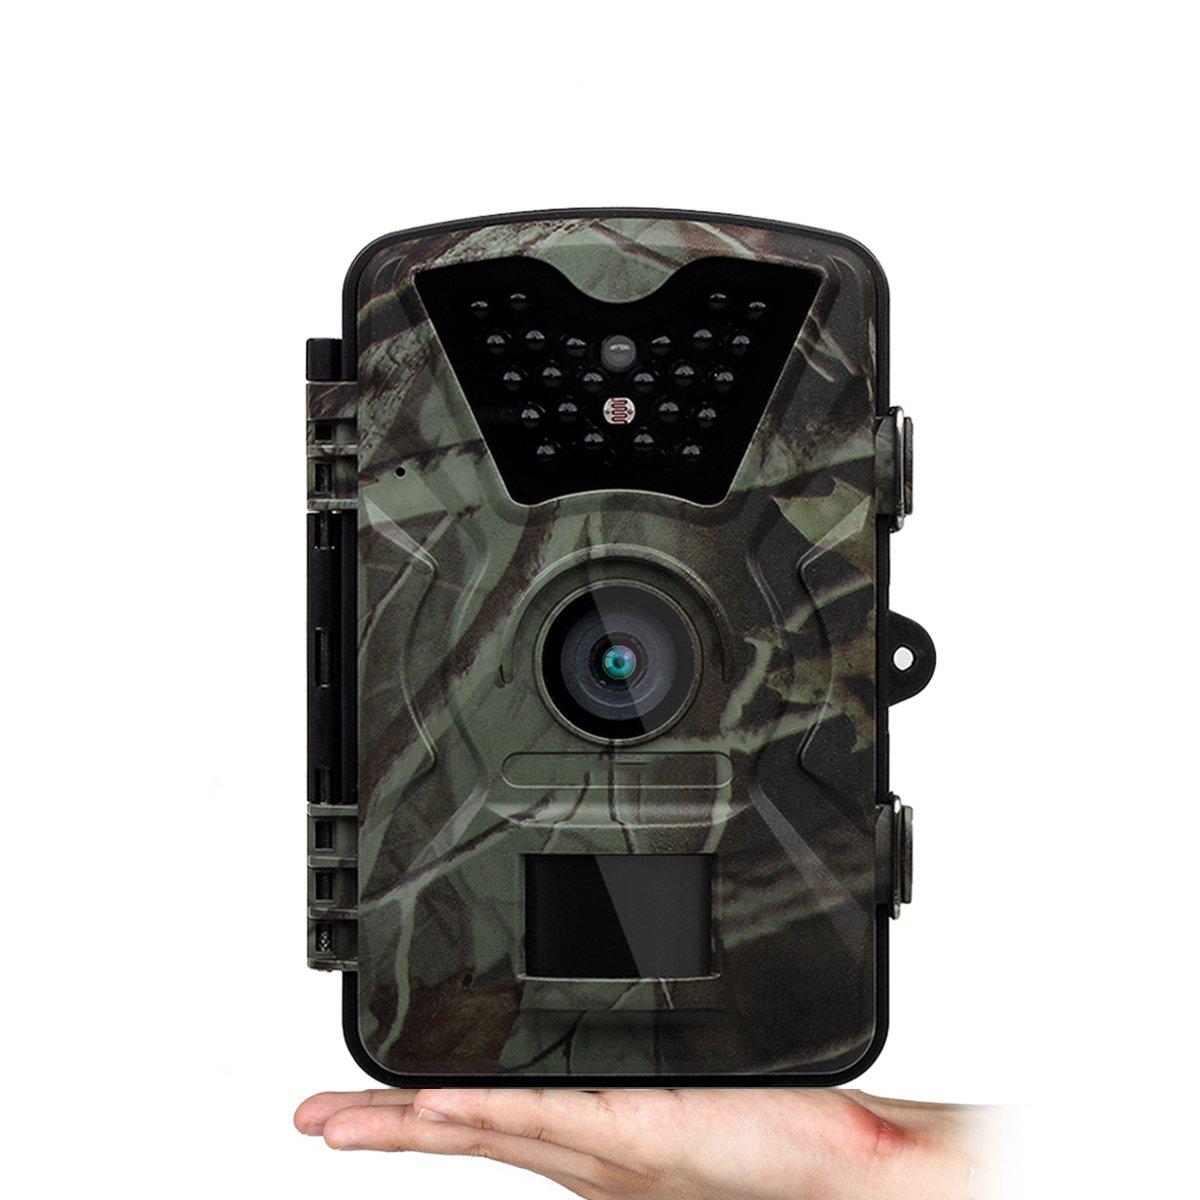 【超歓迎】 ワイルドアニマルトレイルカメラ12MP 1080P 1080P 940NMは、野生動物の写真やビデオを撮影するために使用されています2.31インチTFTスクリーントラッキング監視ハンティングカメラカモフラージュ B07DPLVH5M B07DPLVH5M, 伊佐郡:02850f62 --- by.specpricep.ru